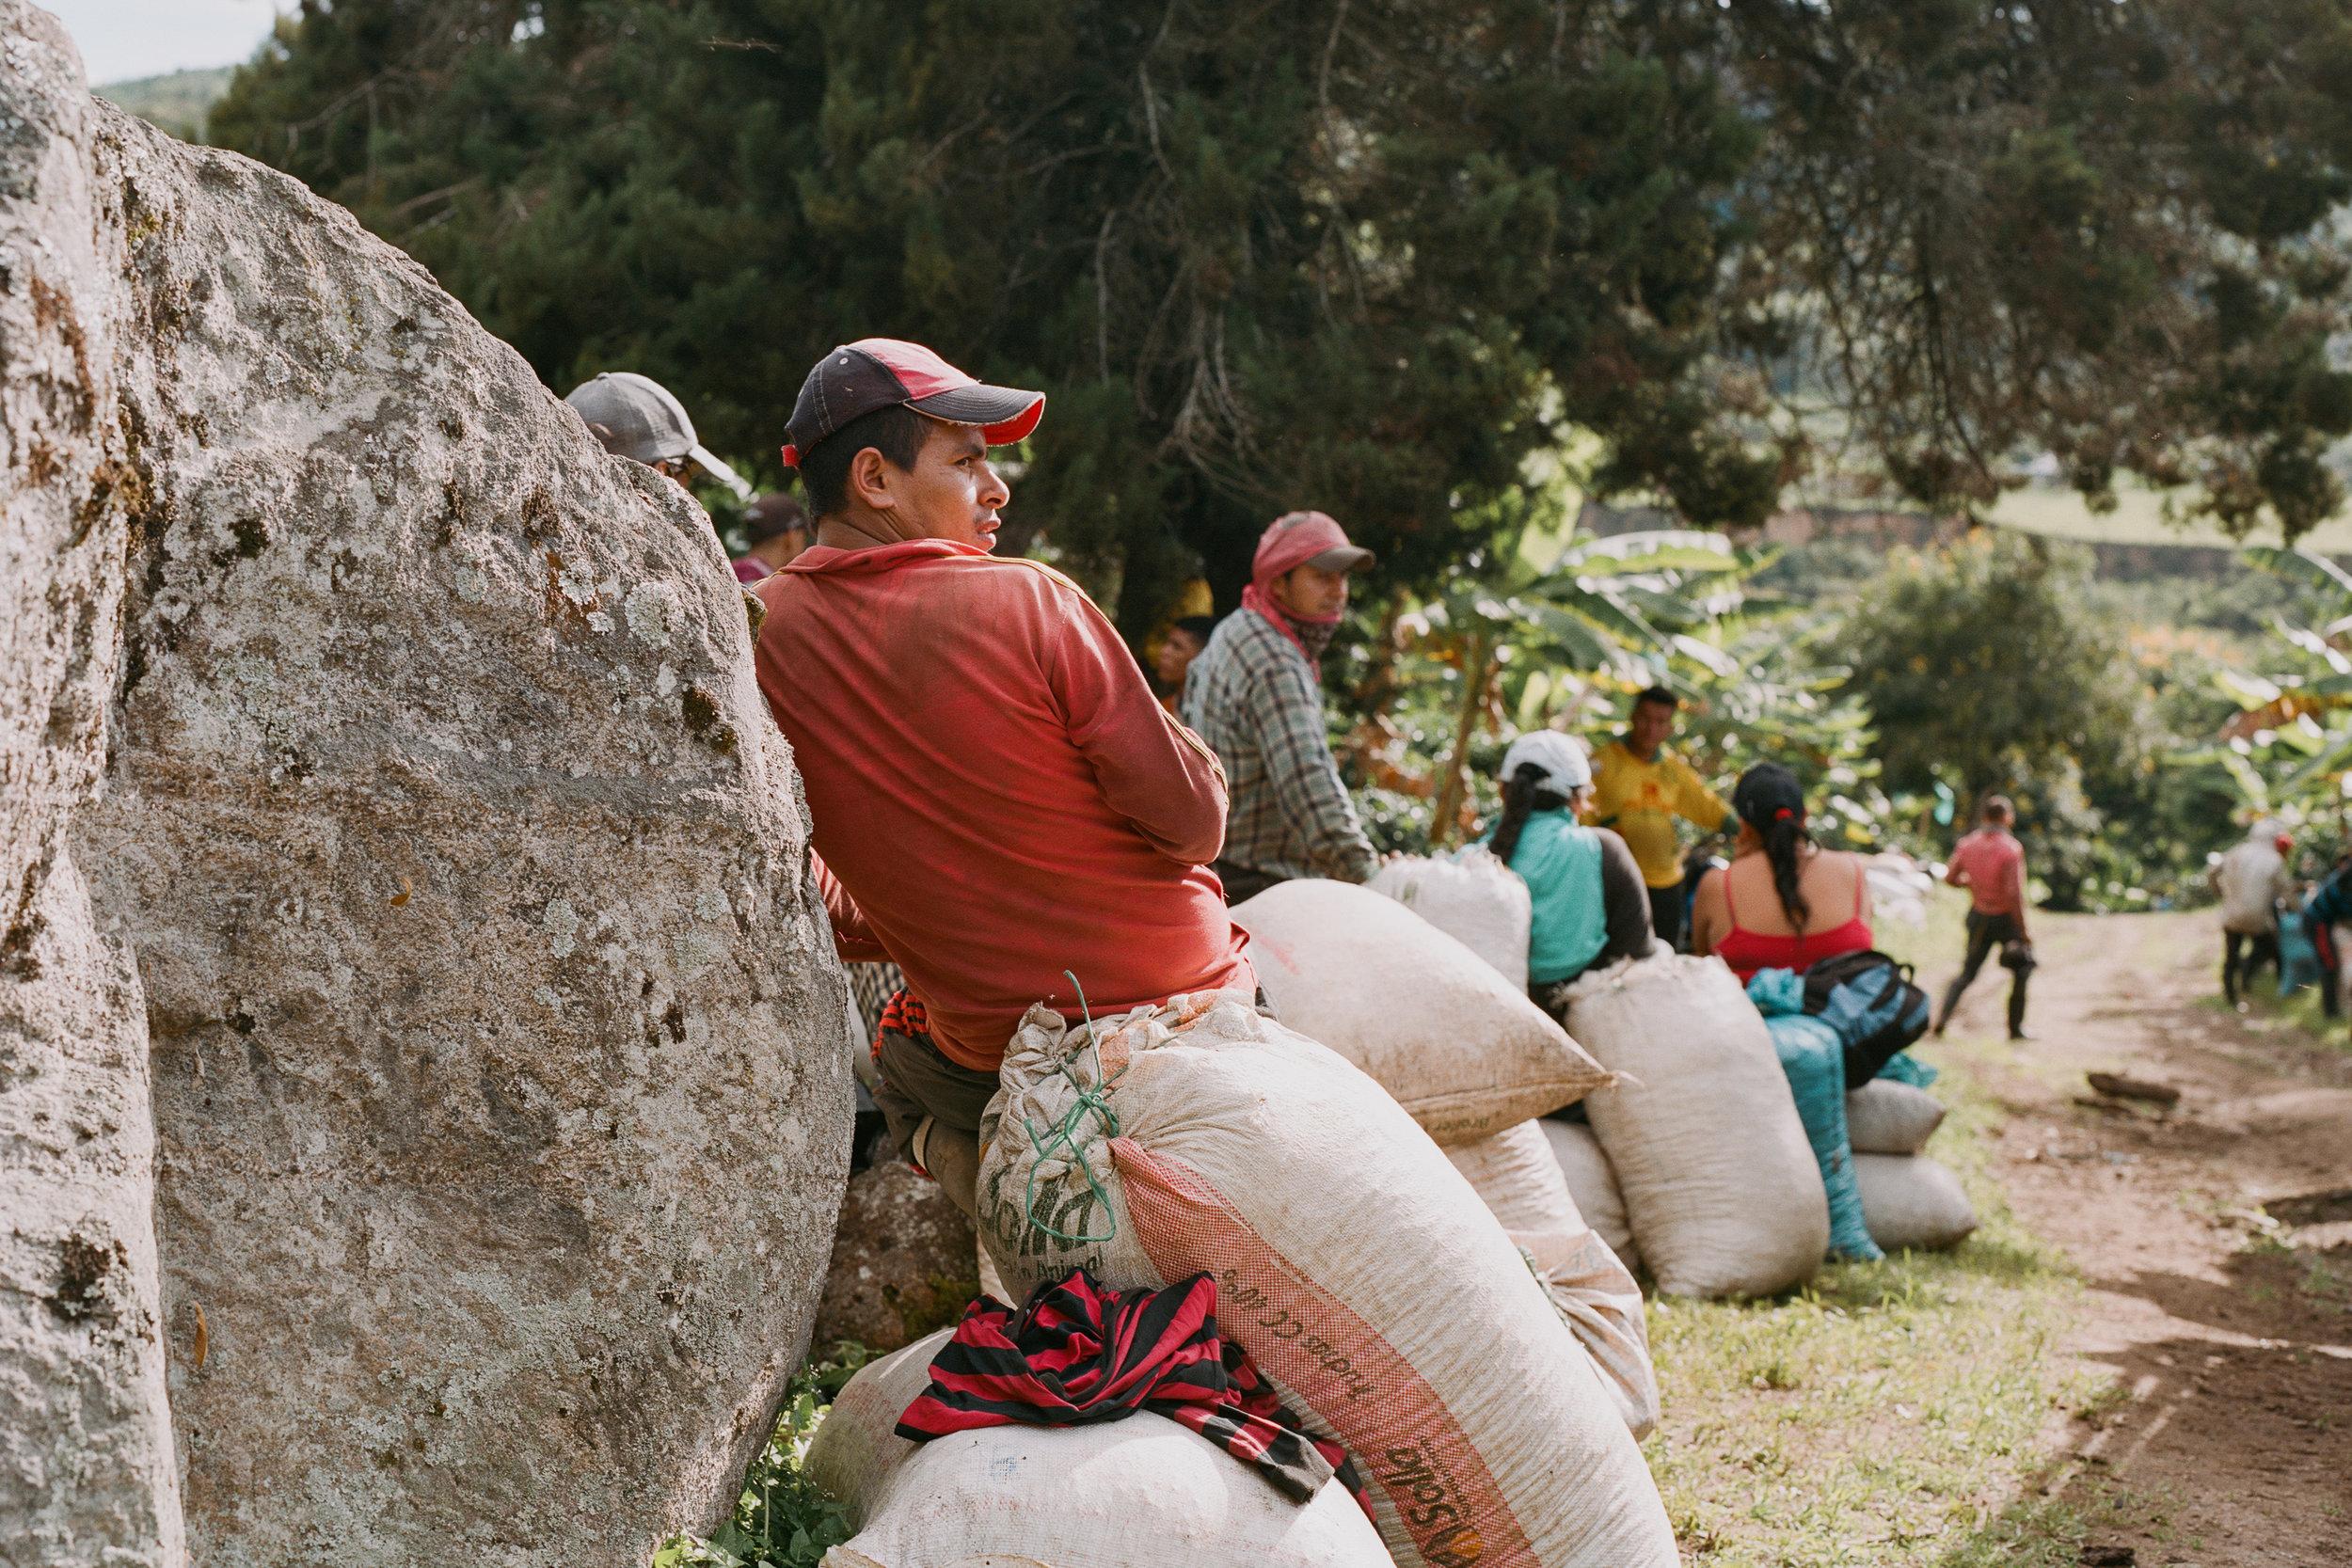 Emanuel-Hahn-Colombia-Coffee-Farmers-Huila-Manizales-Pagpropina-17.jpg